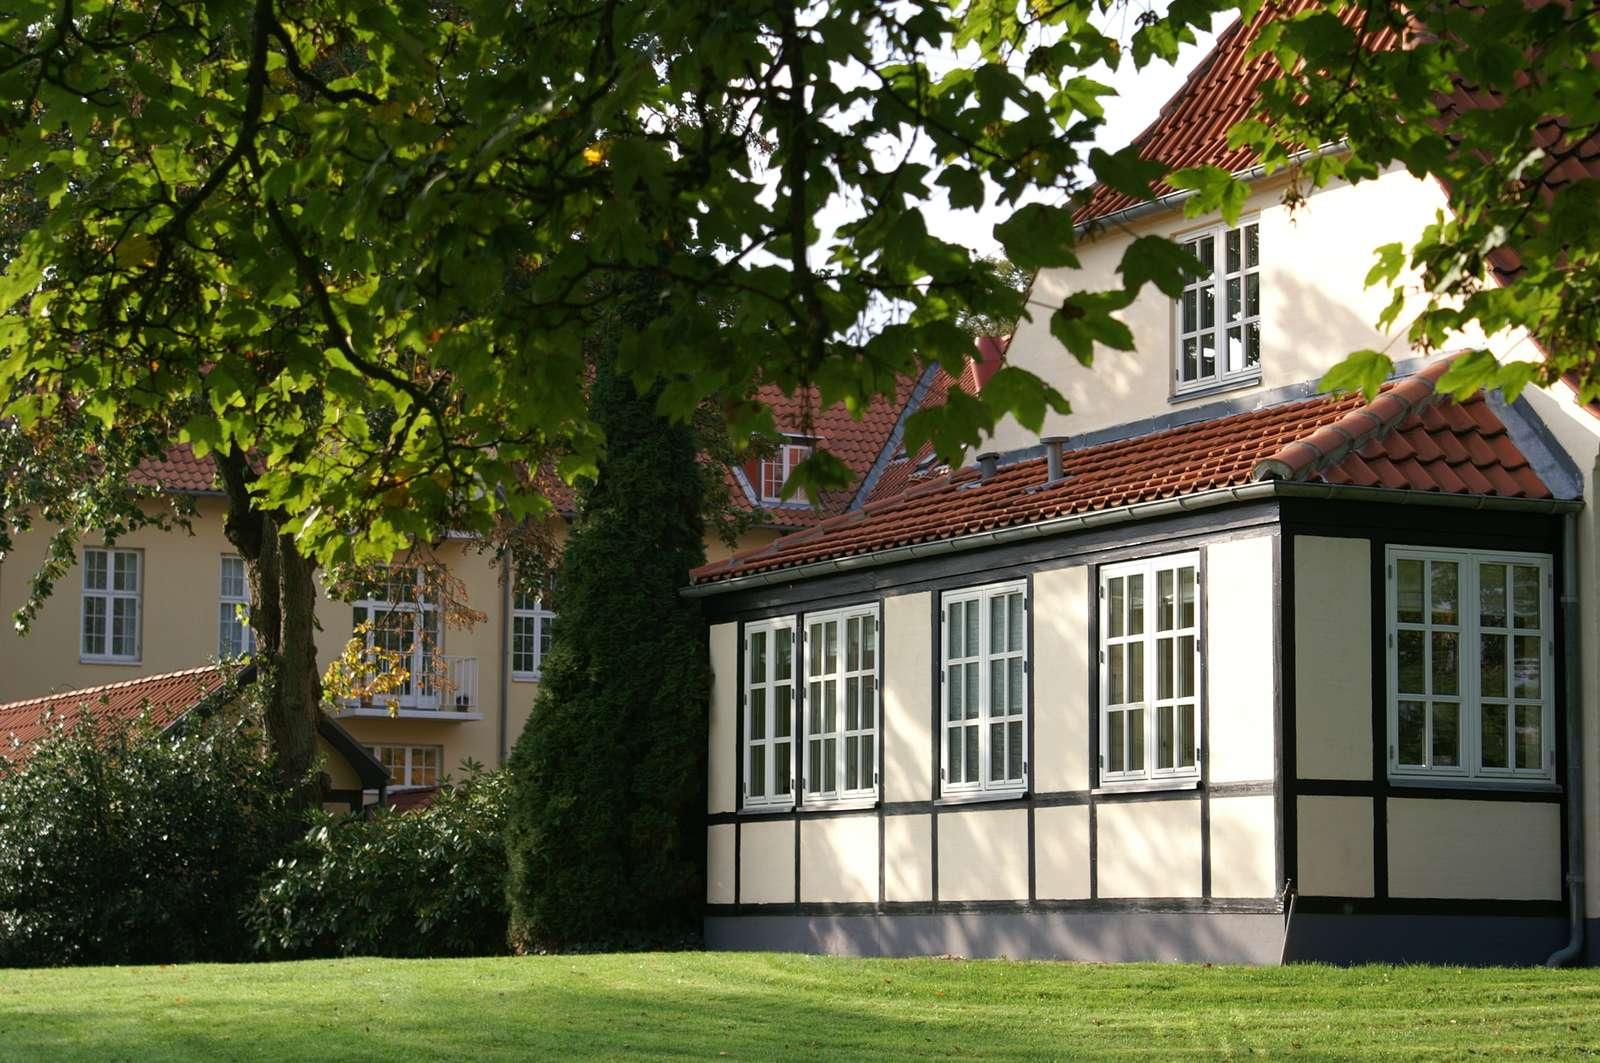 Gl. Skovridergaard tæt på bymidten i Silkeborg er et firestjernet hotel og femstjernet konferencecenter. Pressefoto fra VisitSilkeborg.